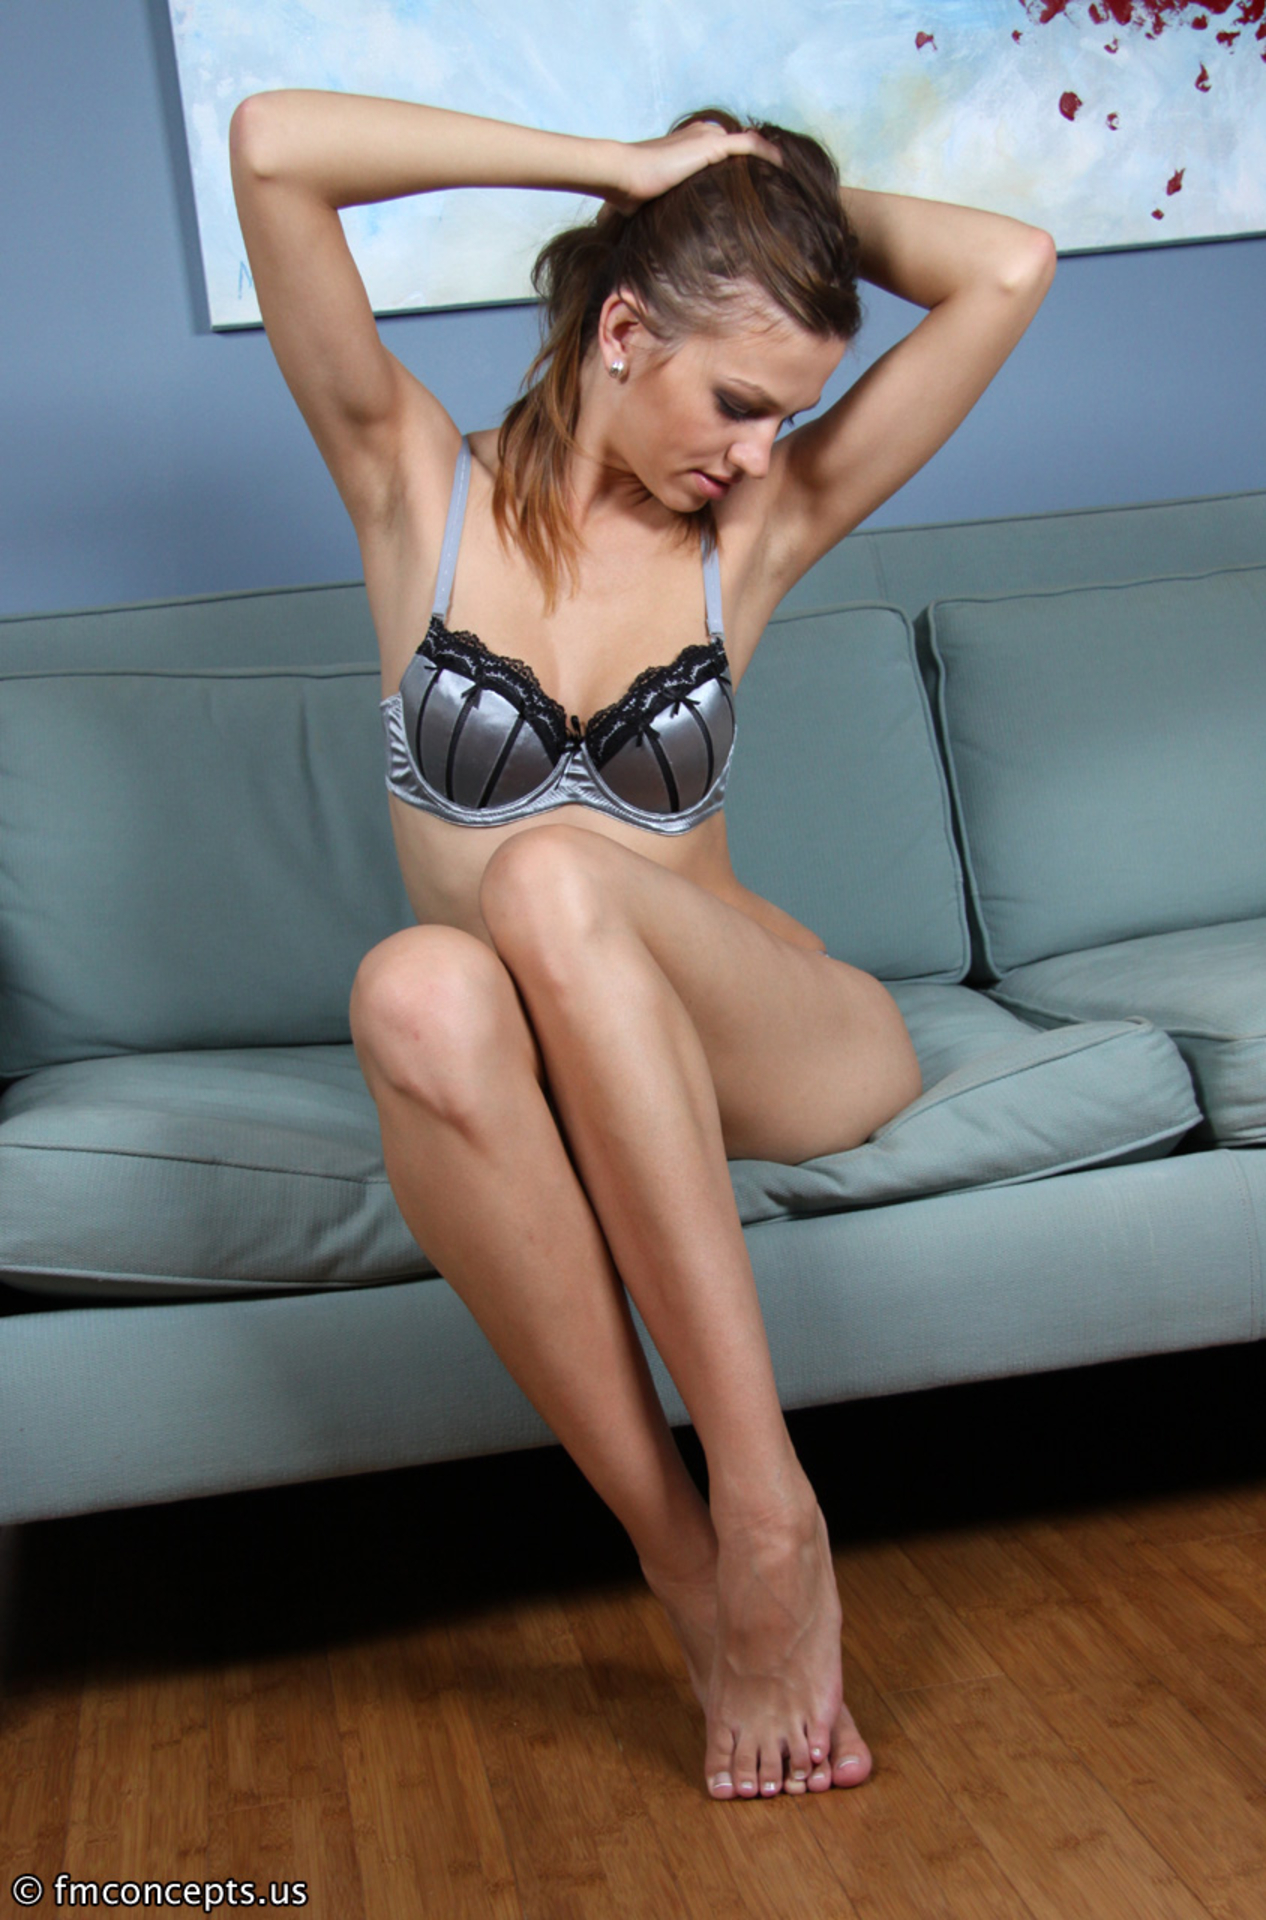 Стратная сучка голая на диване